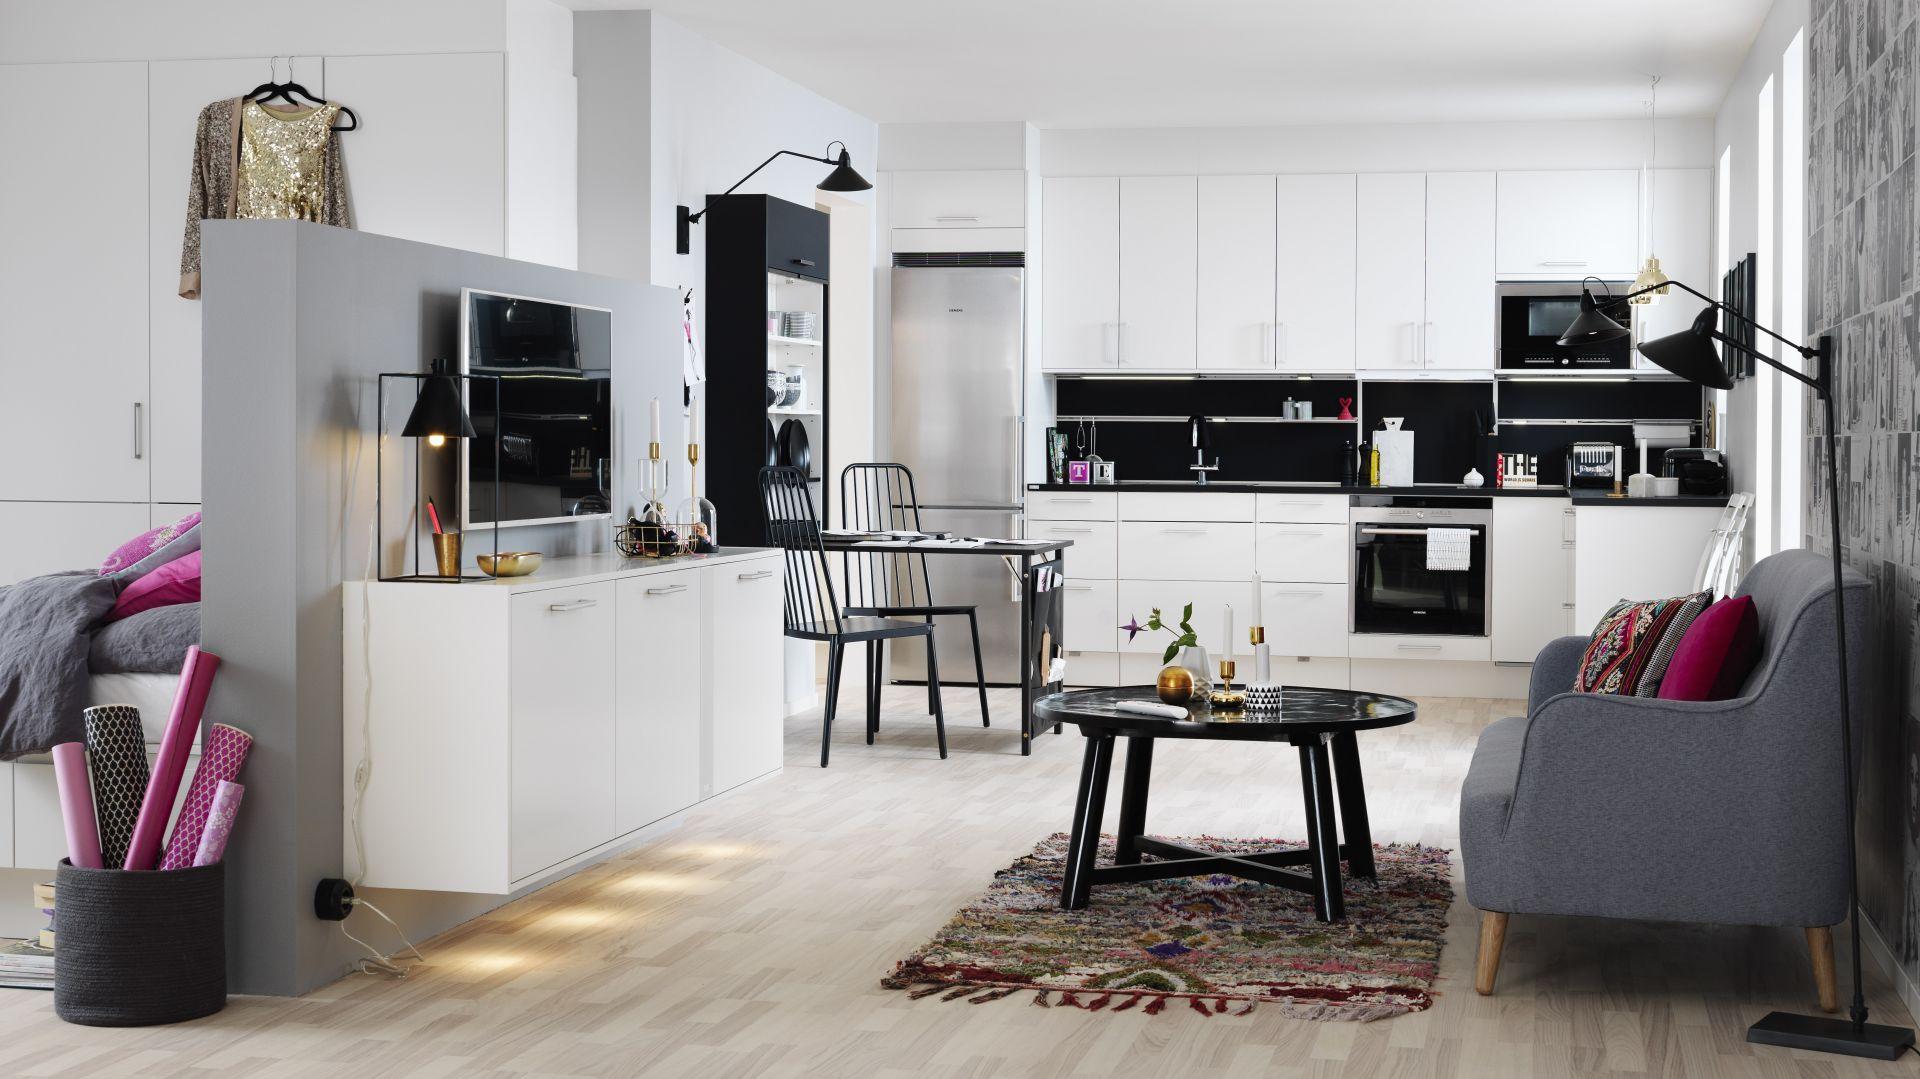 Nowoczesne kuchnie w stylu skandynawskim. Fot. Marbodal